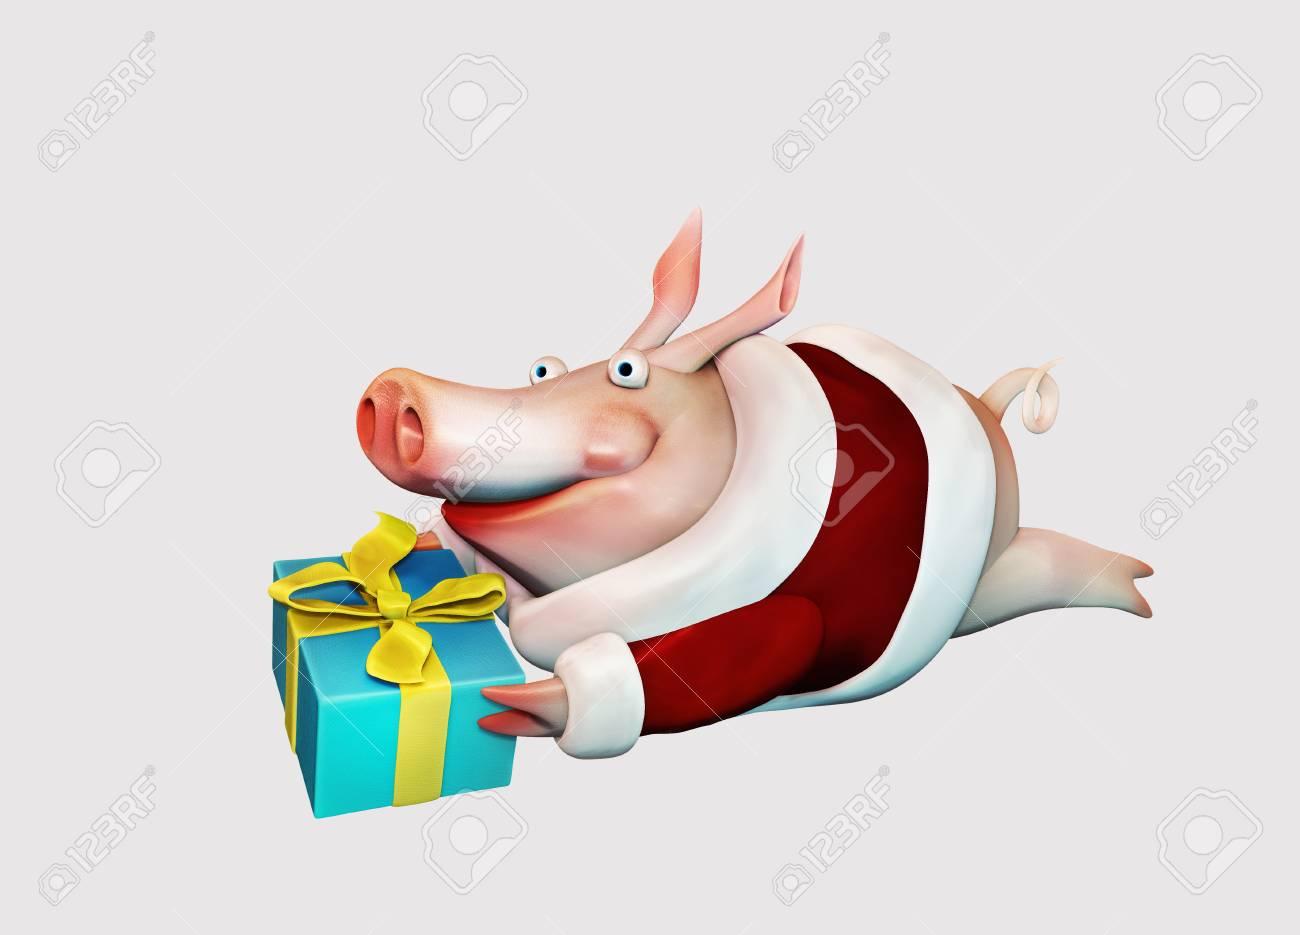 Neujahr Schwein Fliegt Mit Geschenk In Den Händen Isoliert